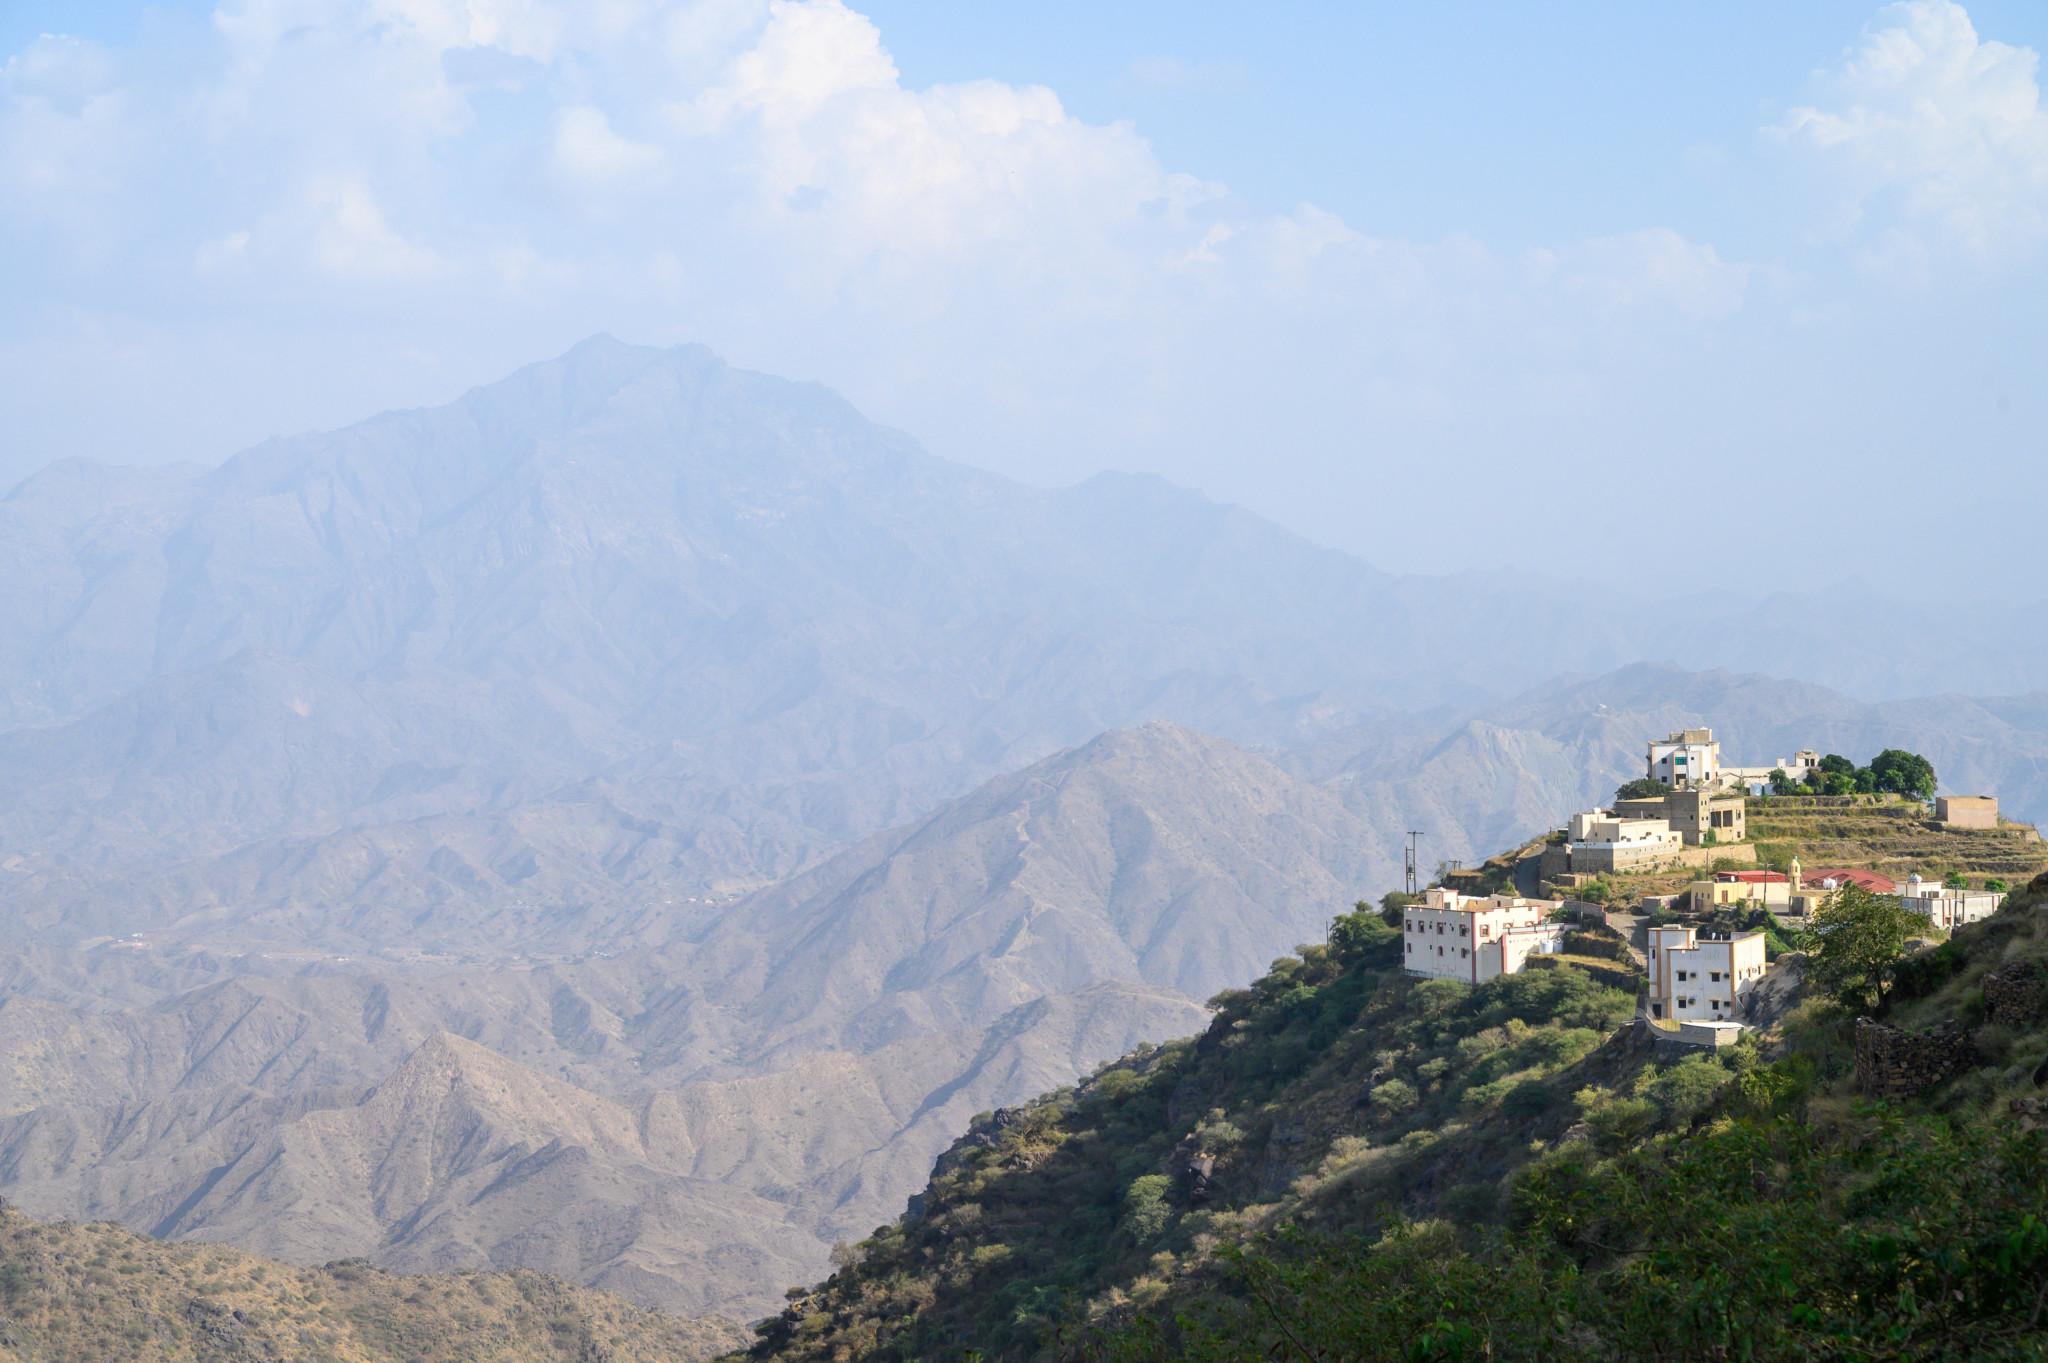 Die Bergkulisse im Dorf Fayfa unweit von Jizan